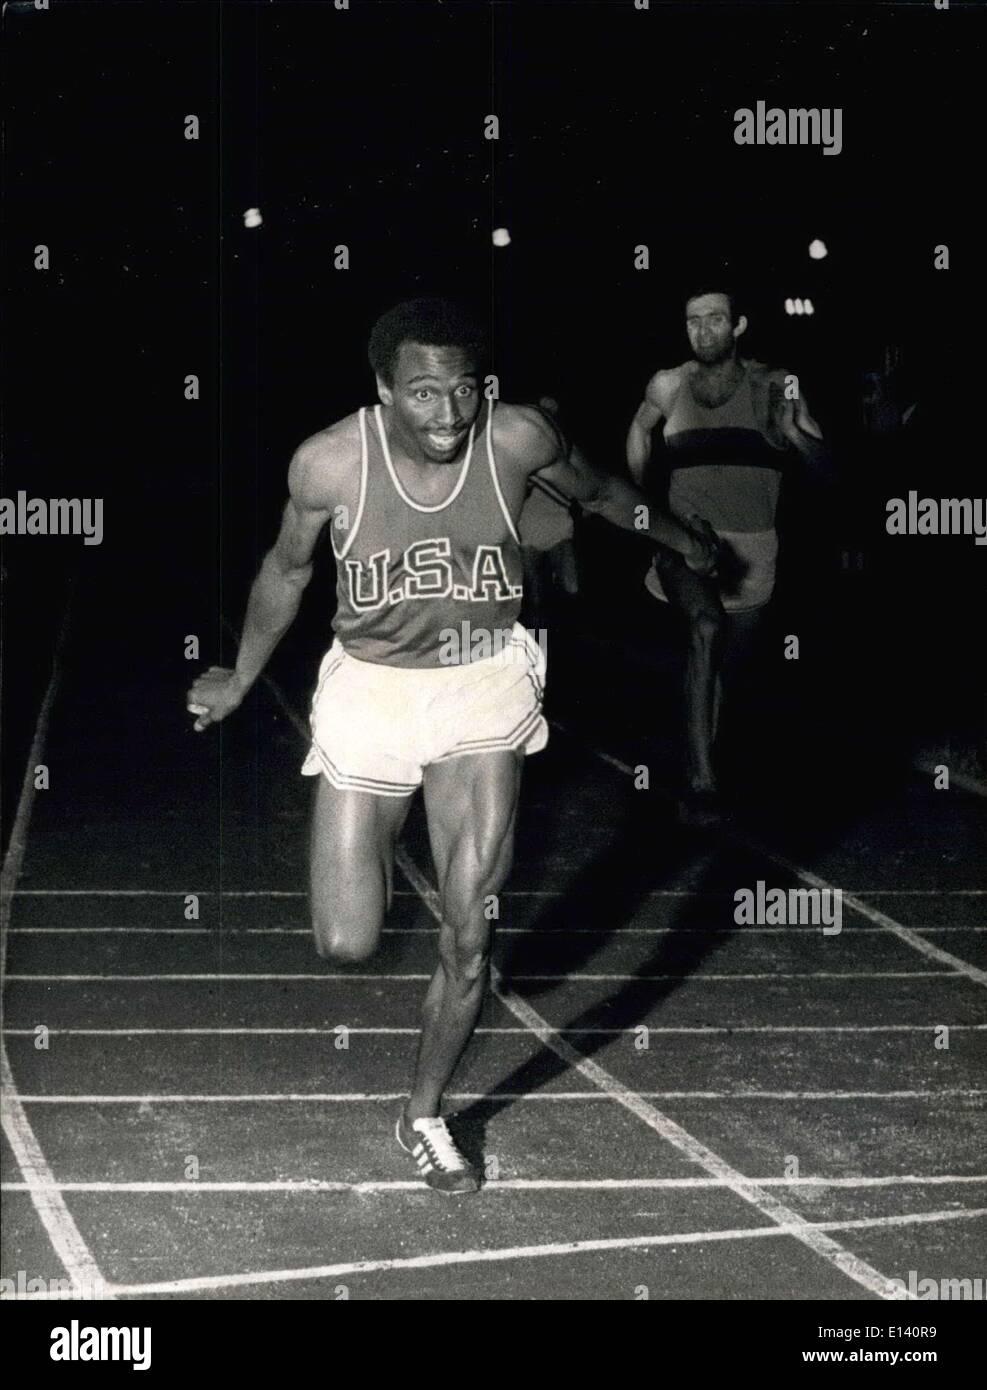 Mar. 31, 2012 - Athletisme: Meeting de Paris Pierre Bonnenfant . NPM: L'arrivee de l'Americain Fred Newhouse, vainqueur du 400 metres. Keystone - Stock Image